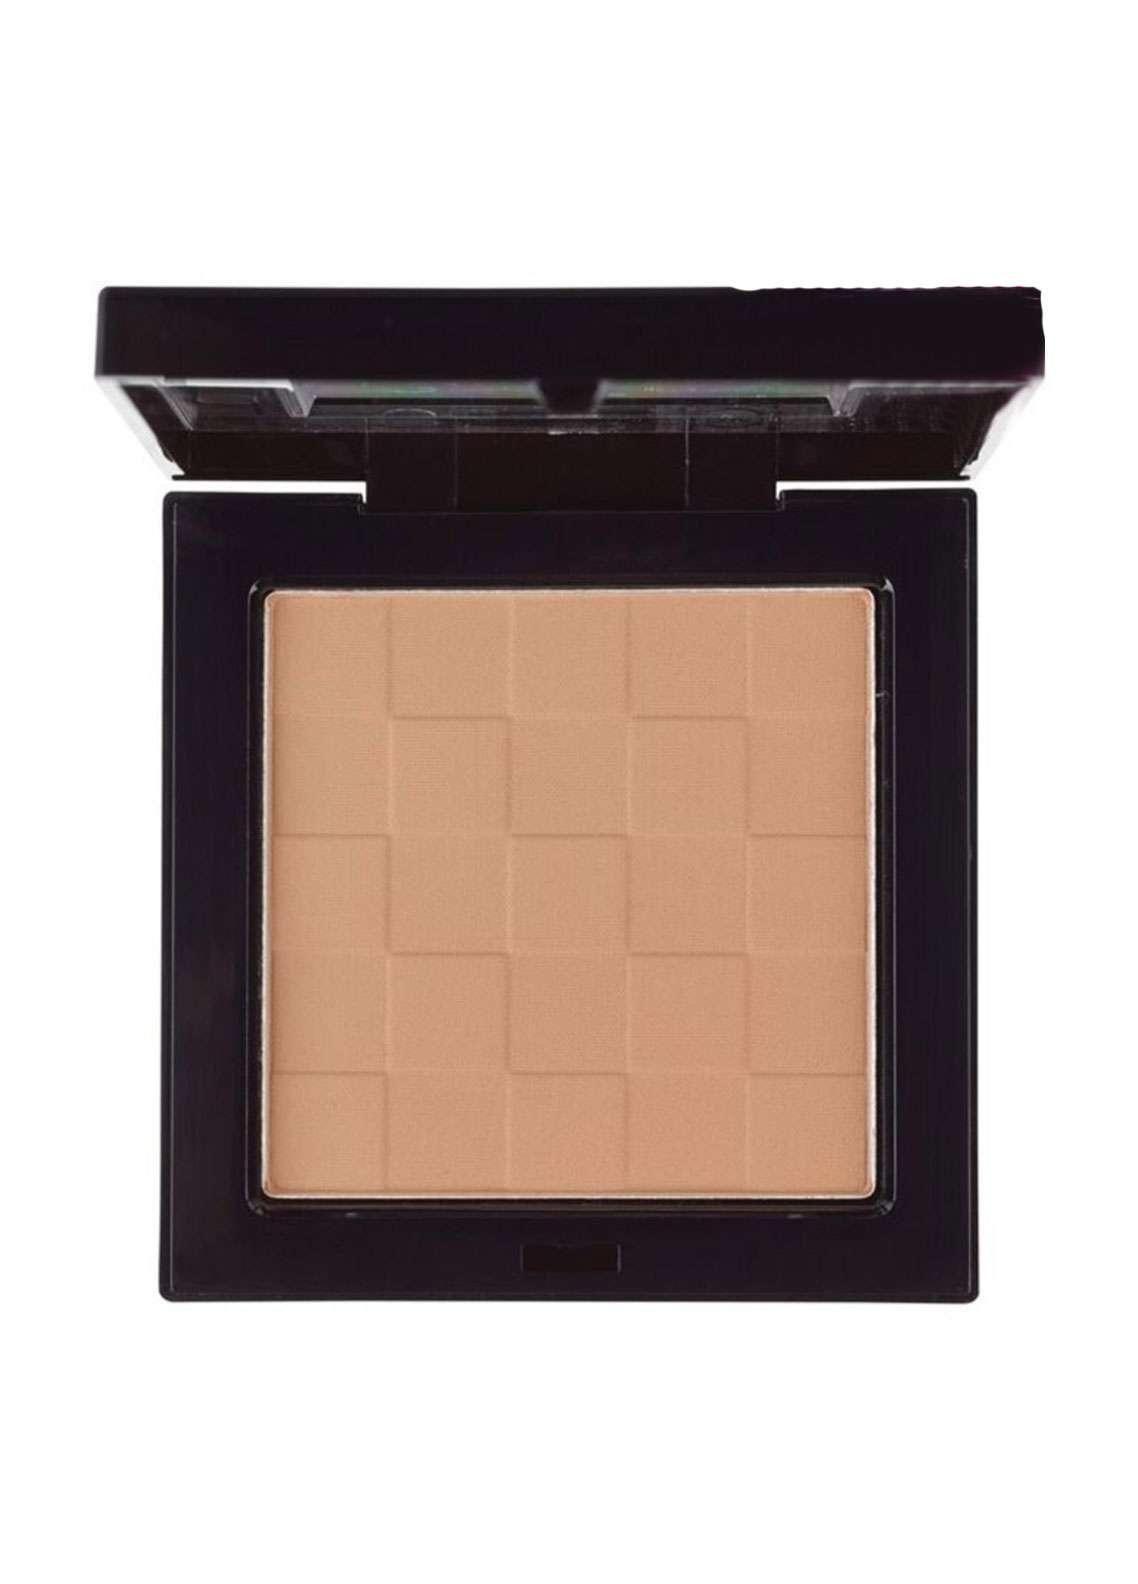 Beauty UK Matte Bronzer - 1 Medium